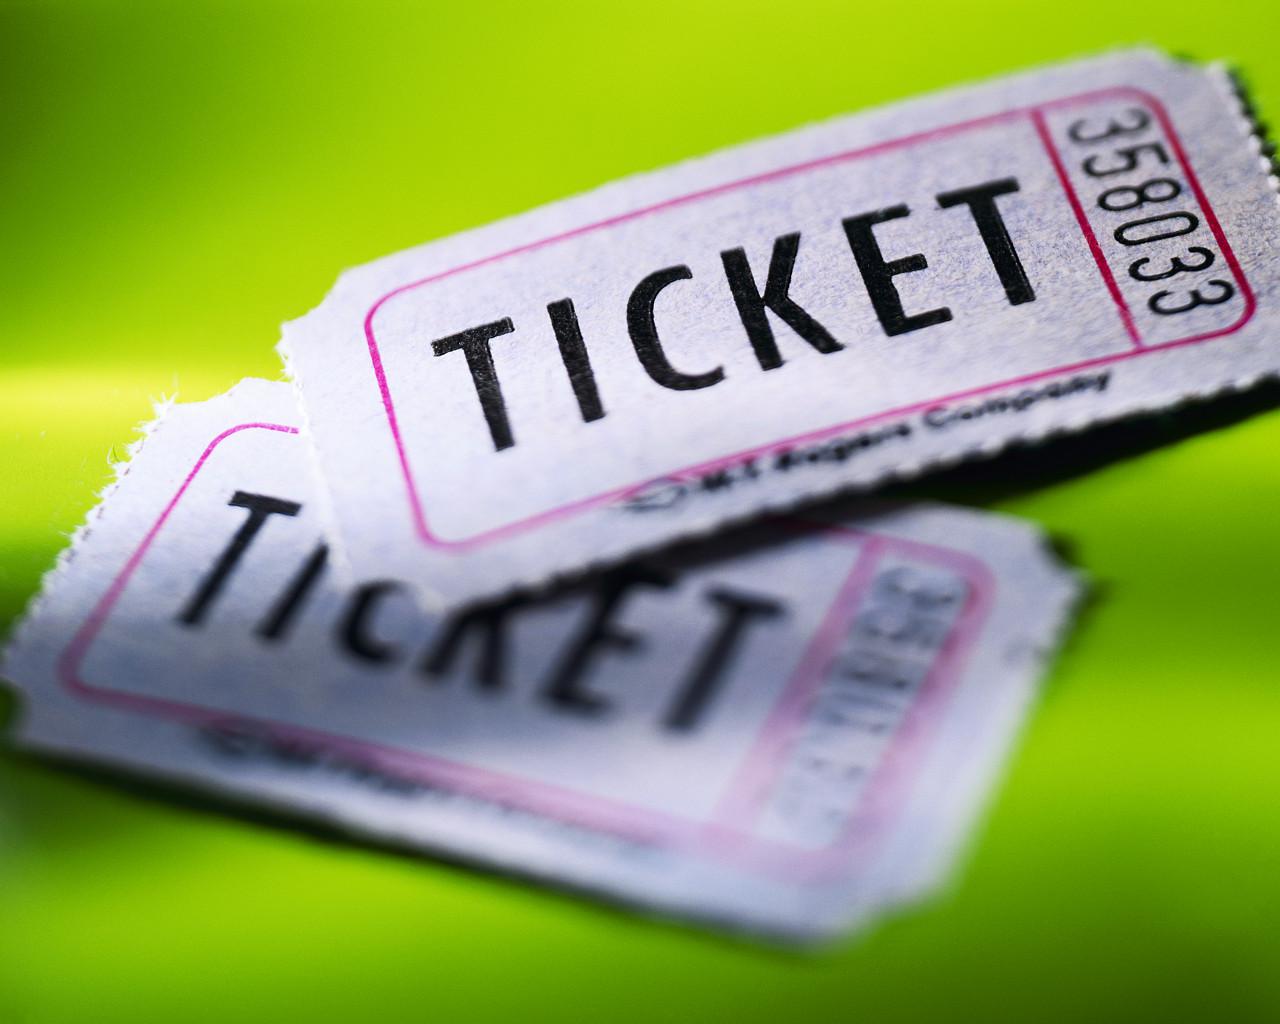 Ingressos para Shows, Teatro e Eventos Esportivos – Onde e Como comprar?